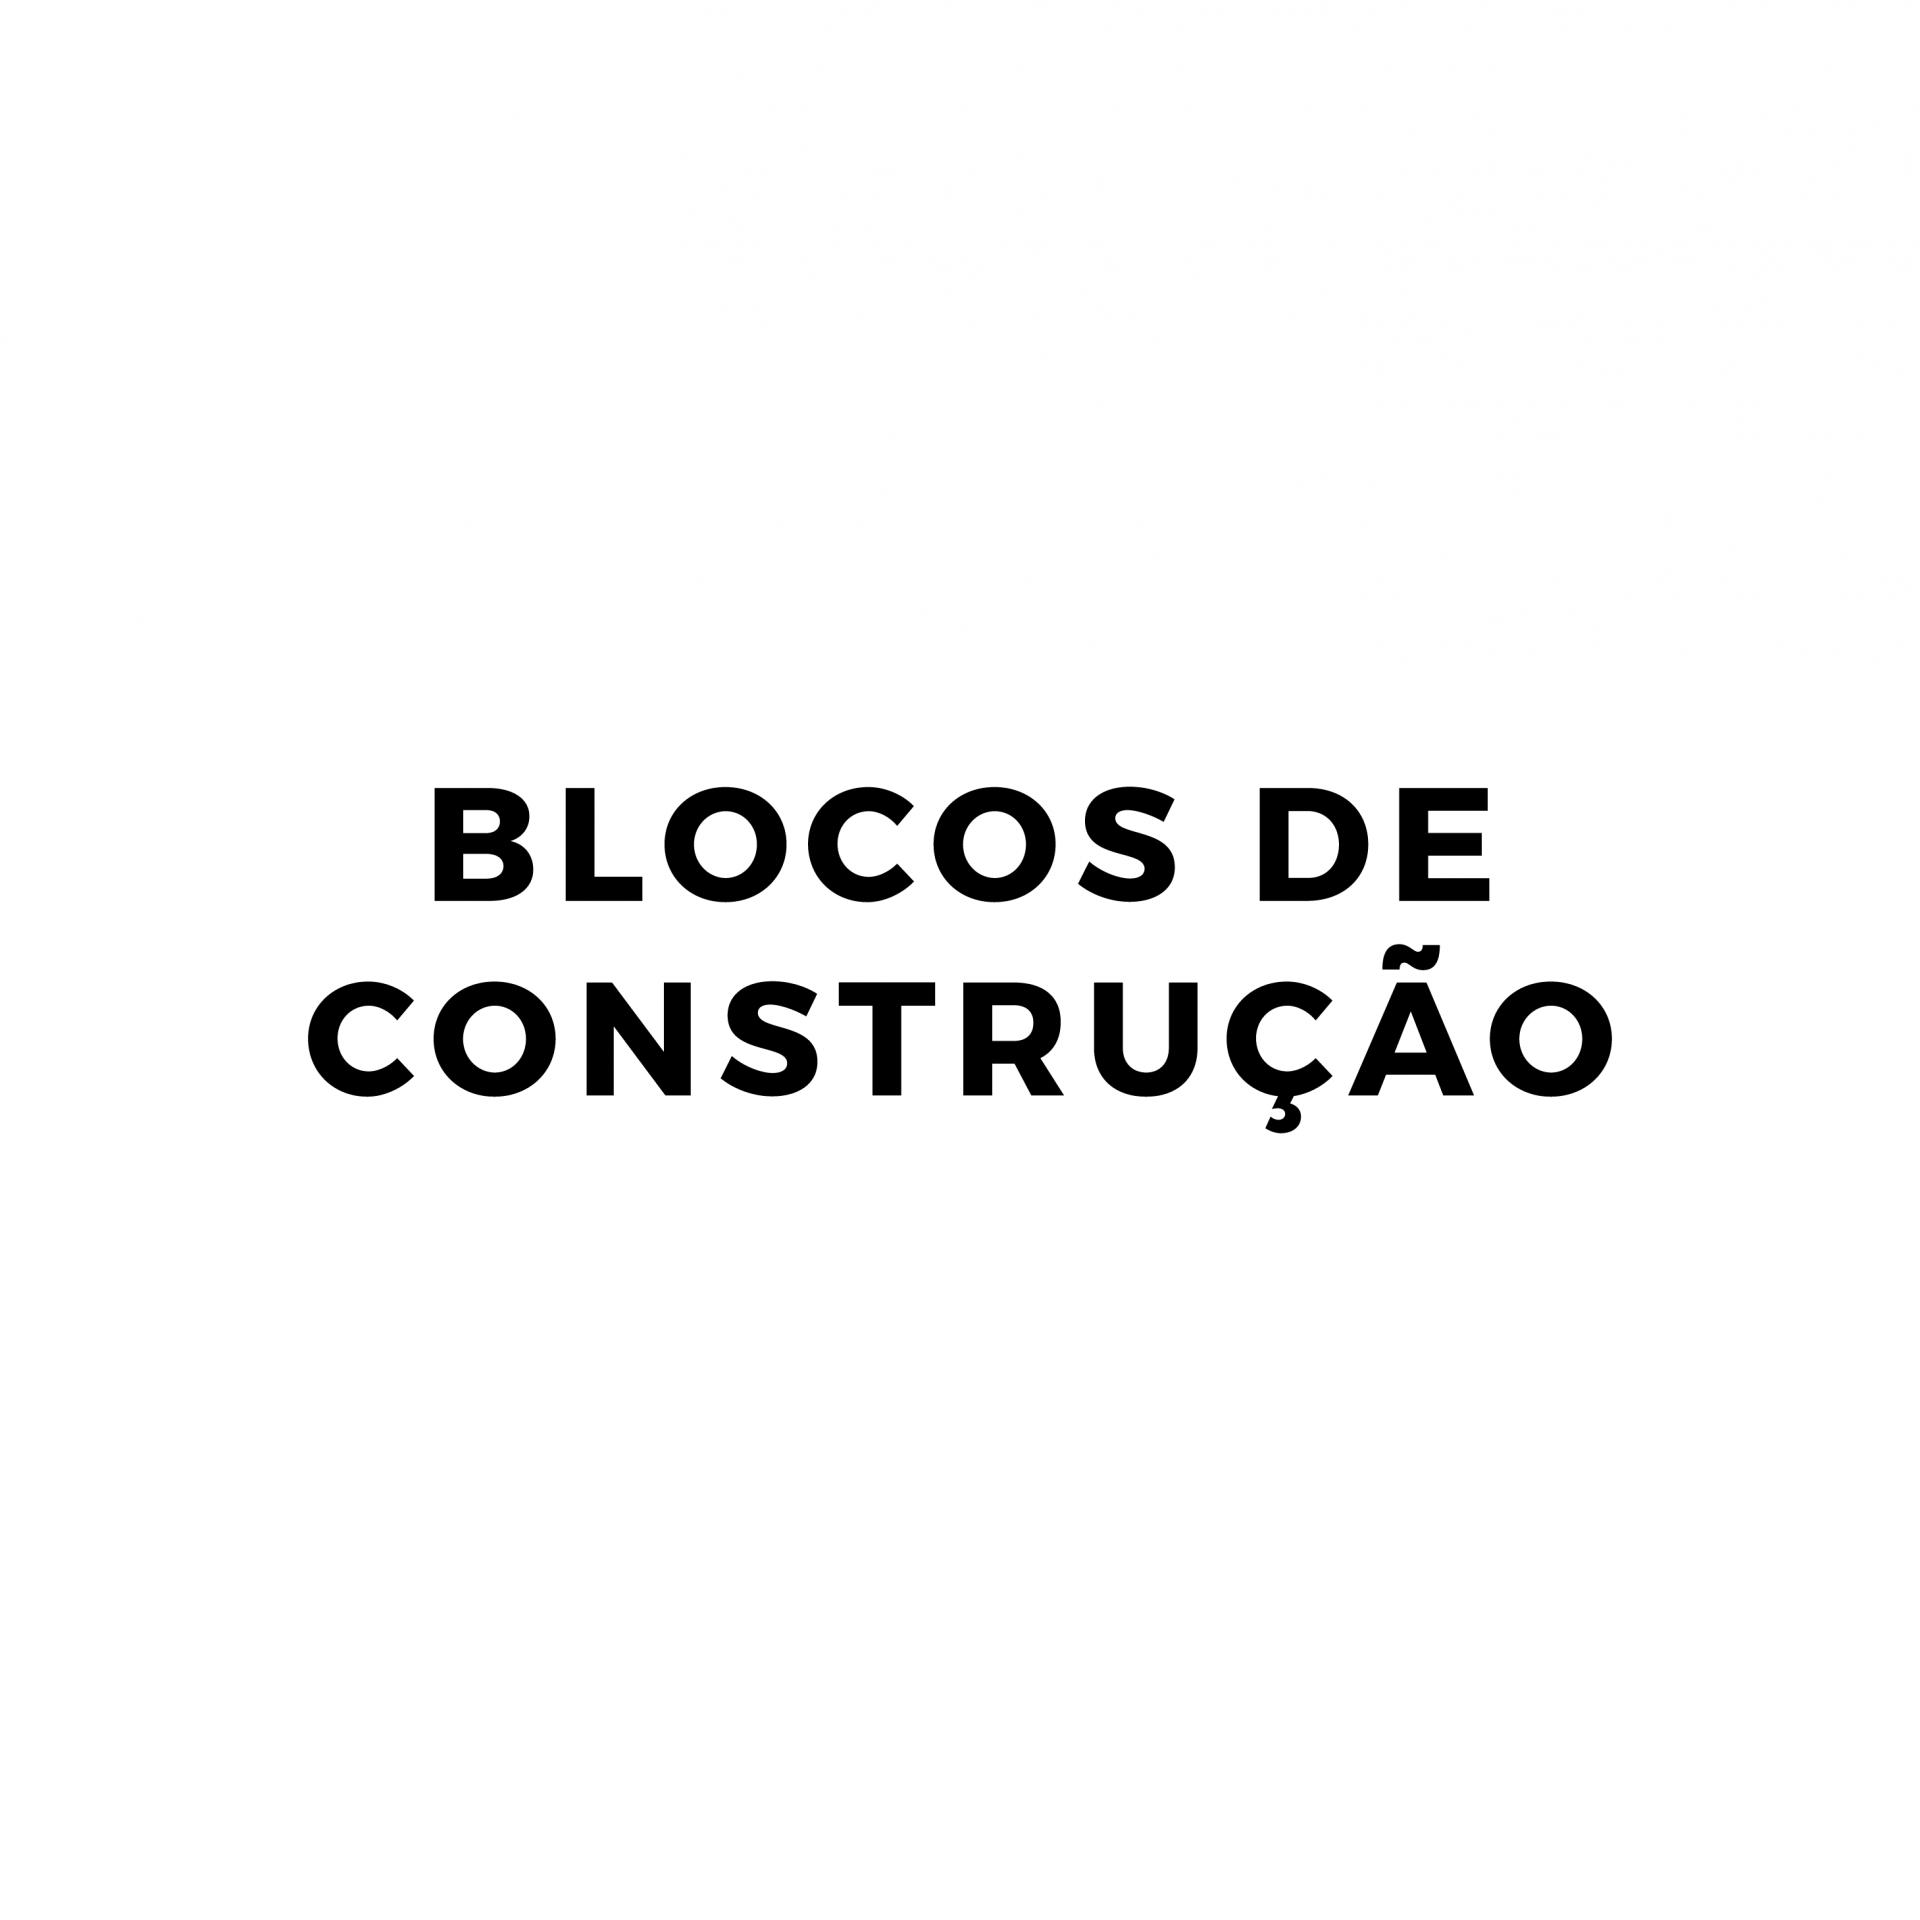 Blocos de construção 04